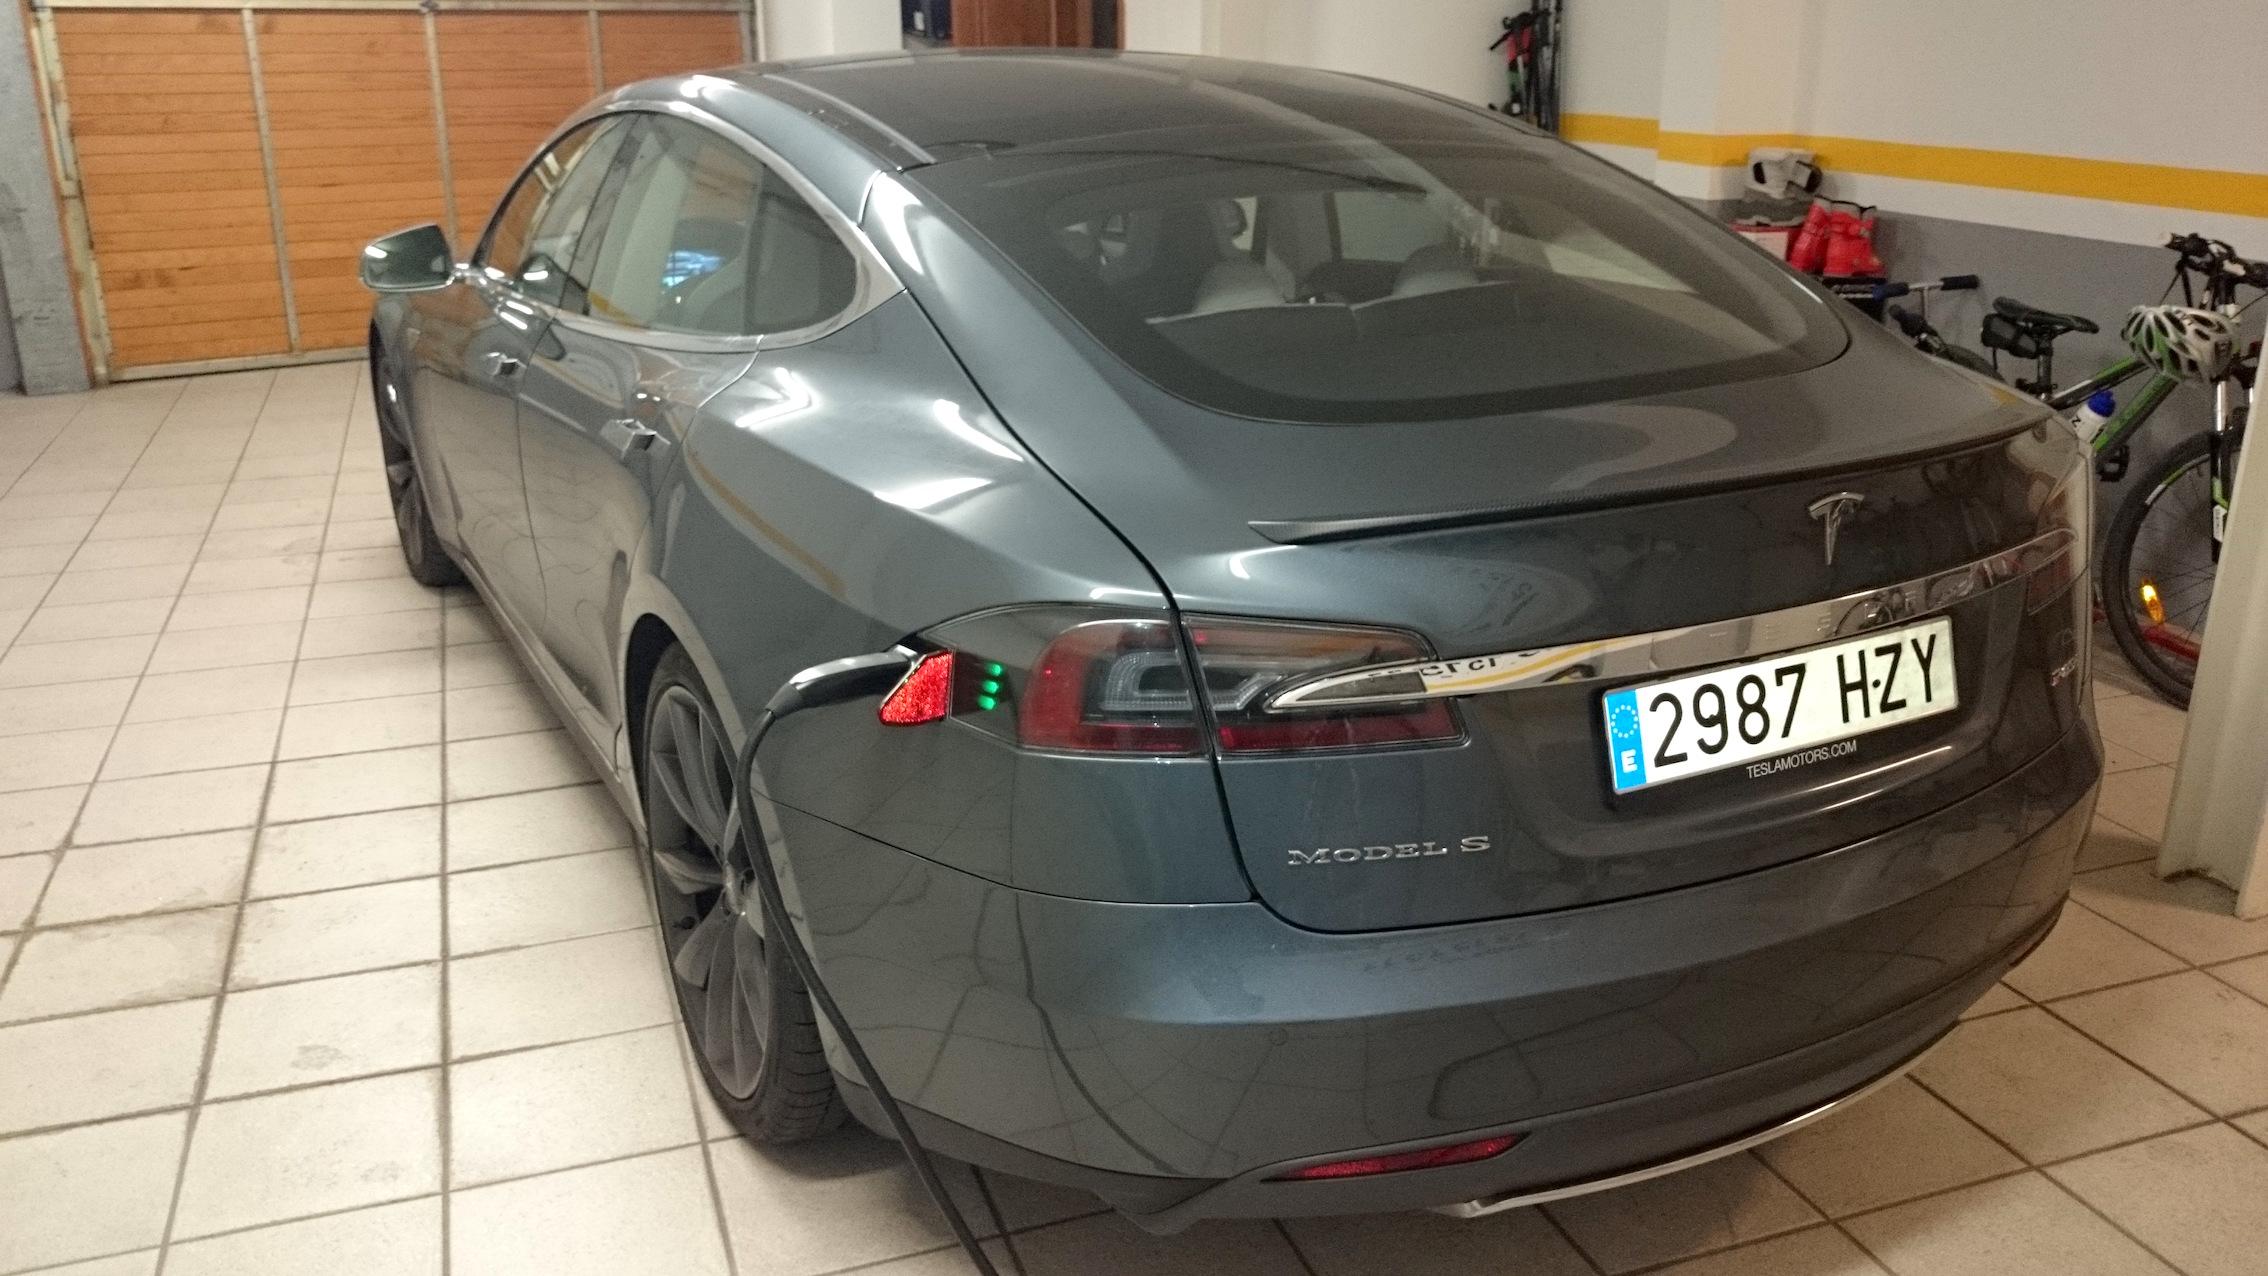 Recarga domiciliaria de las baterías del Tesla Model S P85+. A.Payá